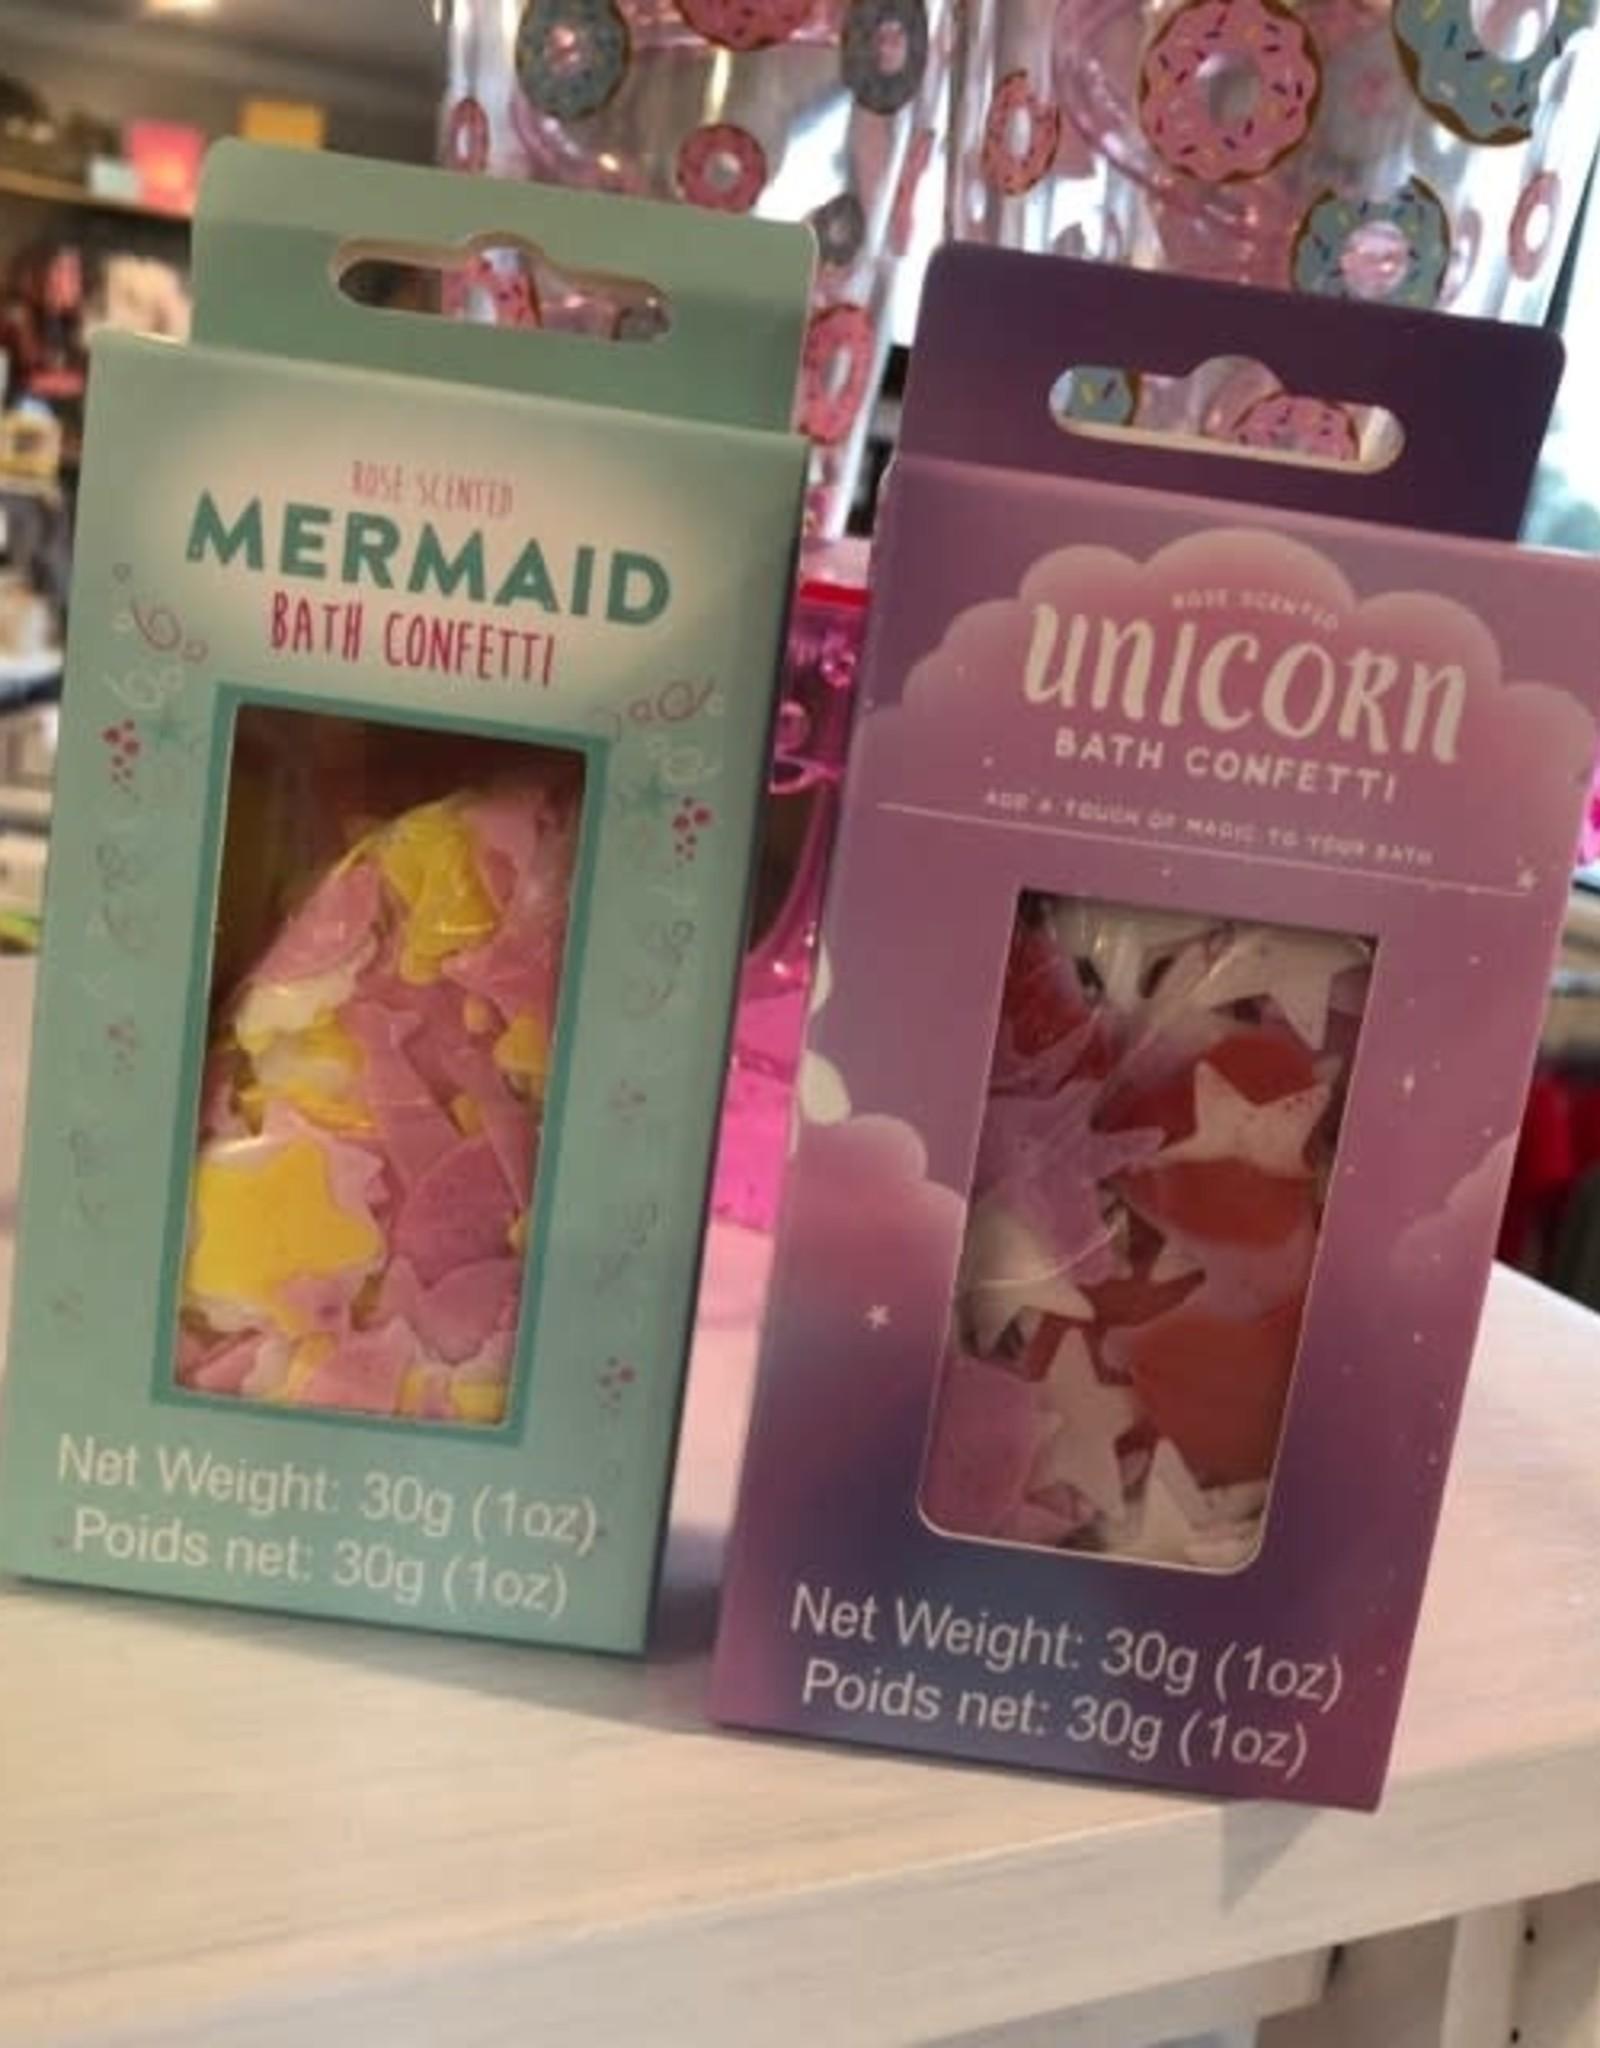 Iscream Mermaid Bath Confetti